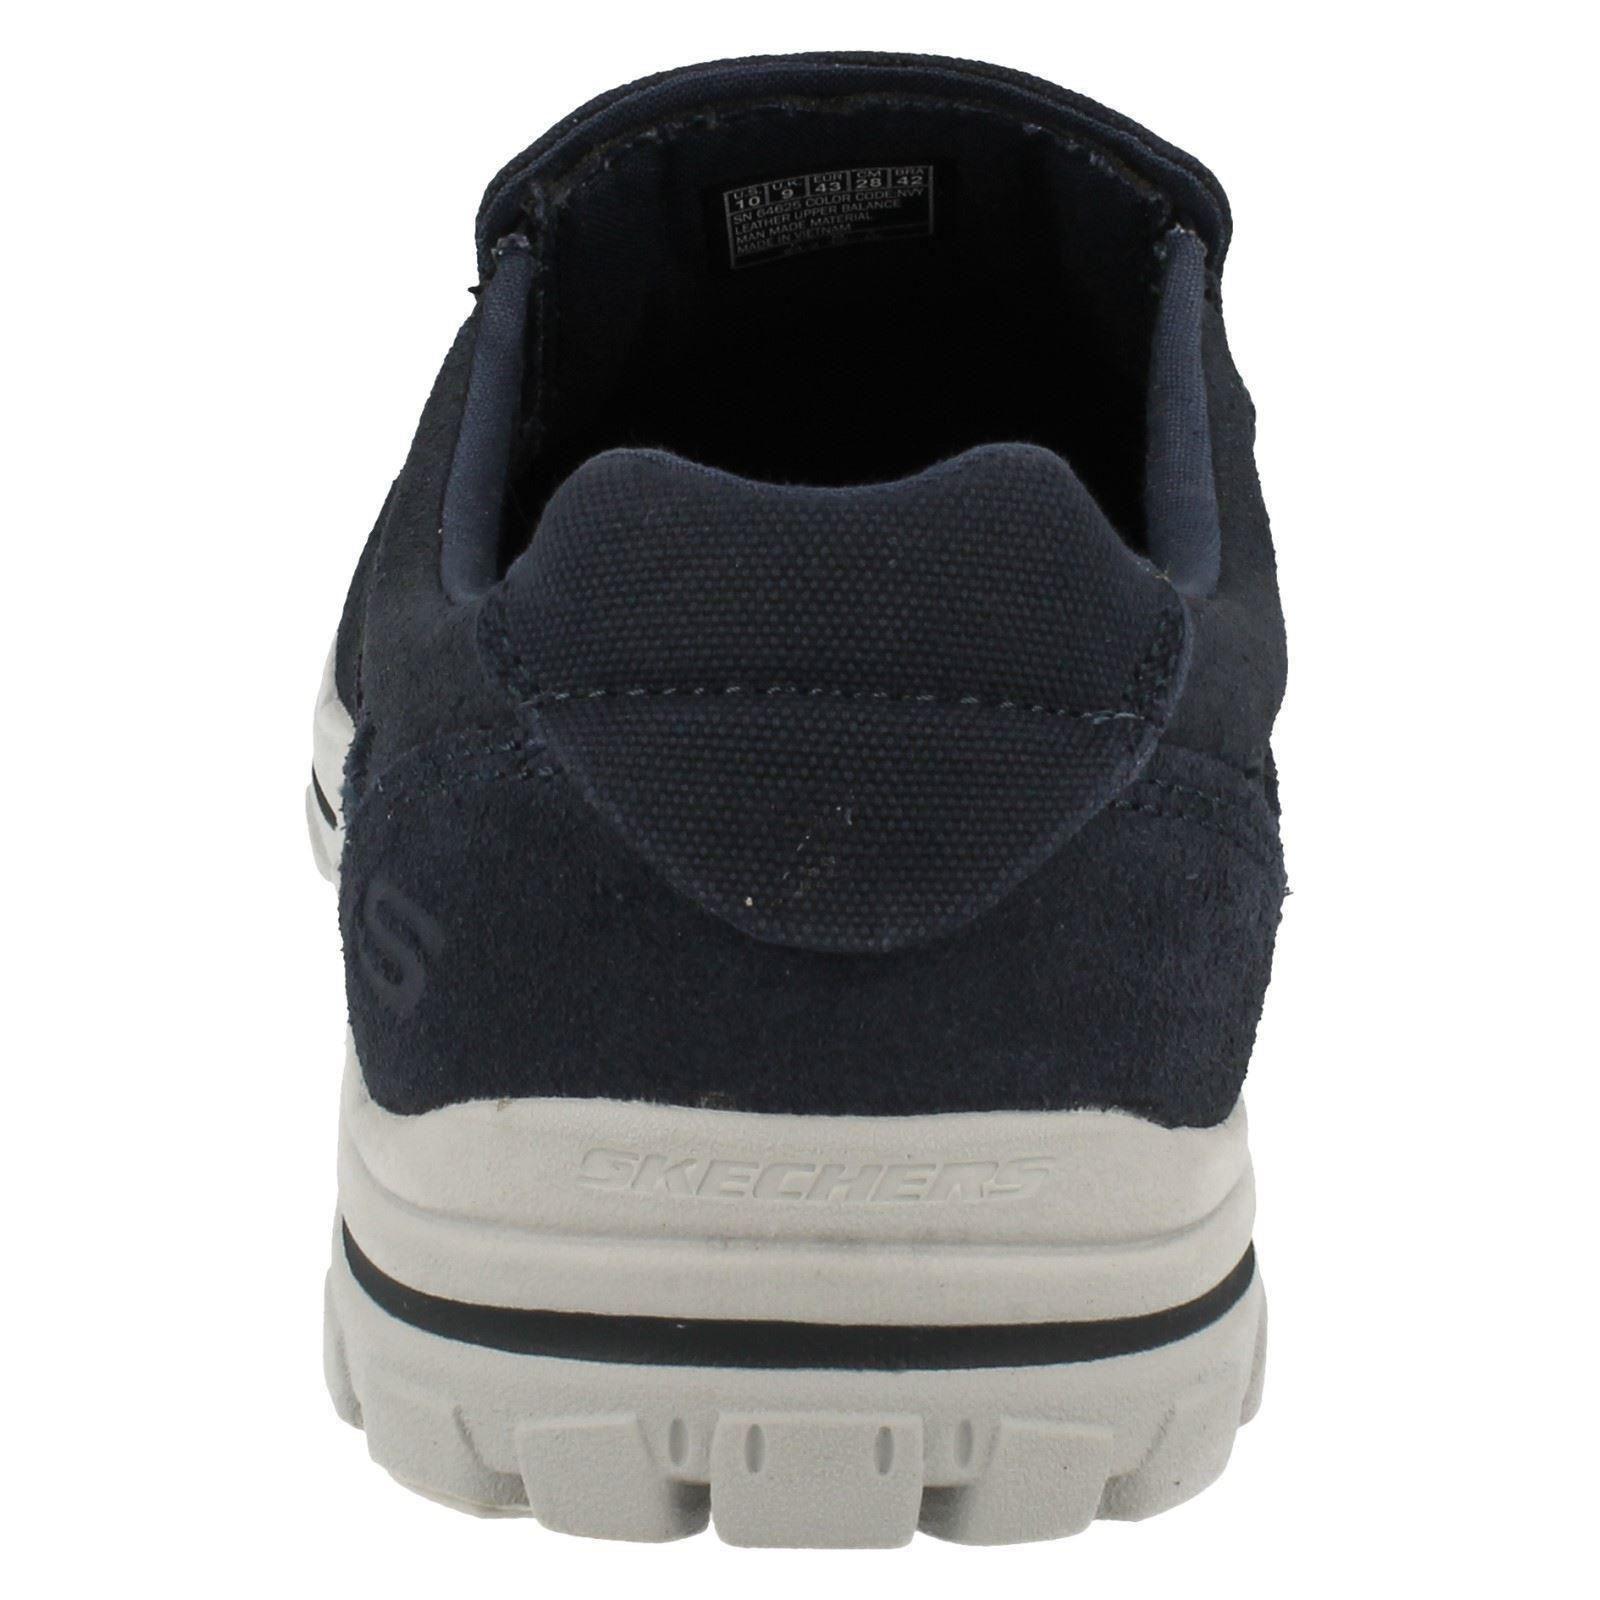 Courageux Chaussures Skechers Baskets Mocassins Hommes Décontractées'plus aqBHX6n1